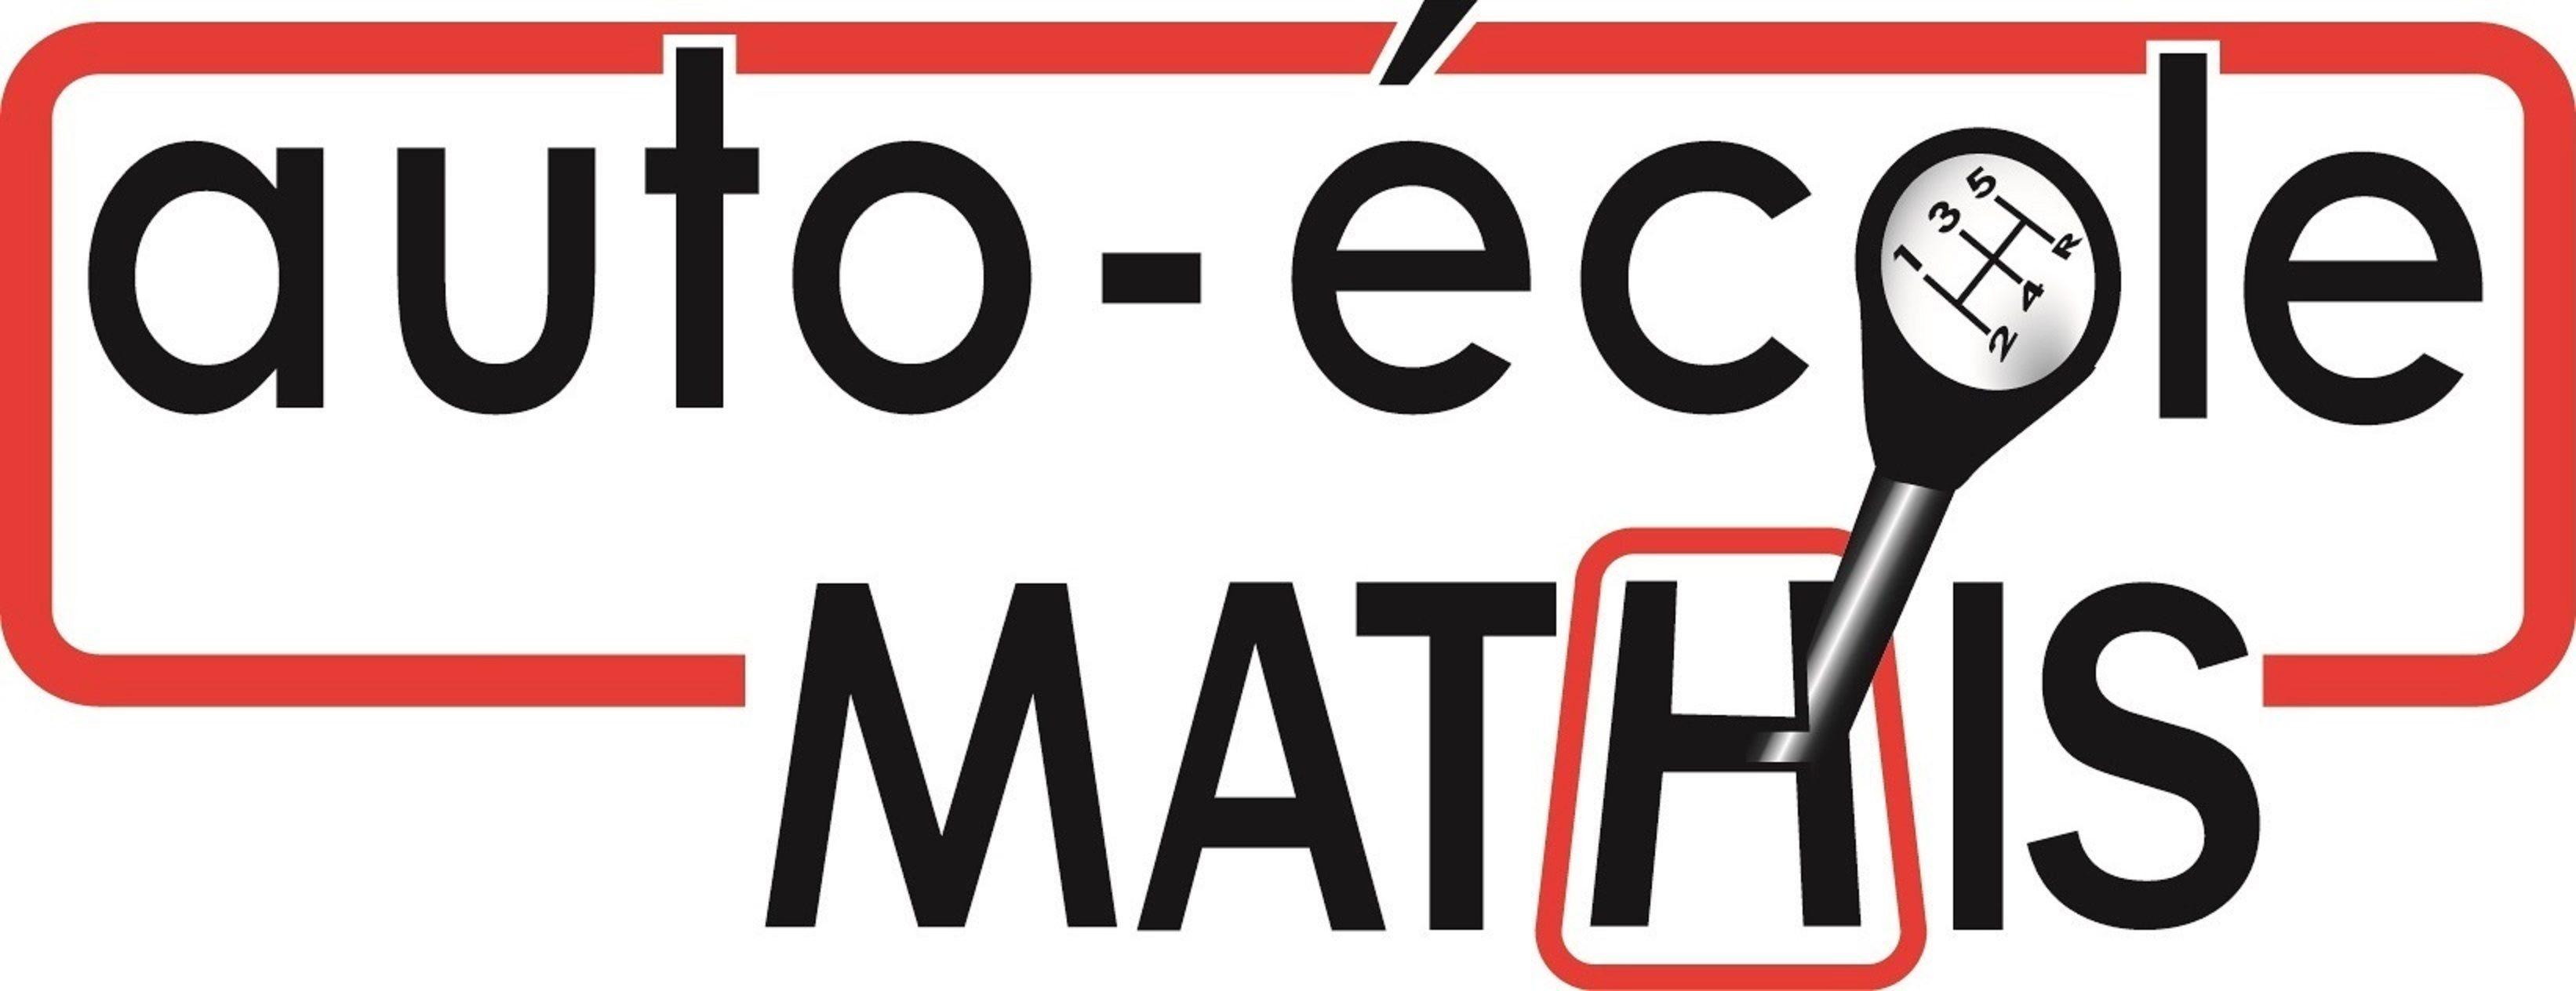 Auto-école Mathis